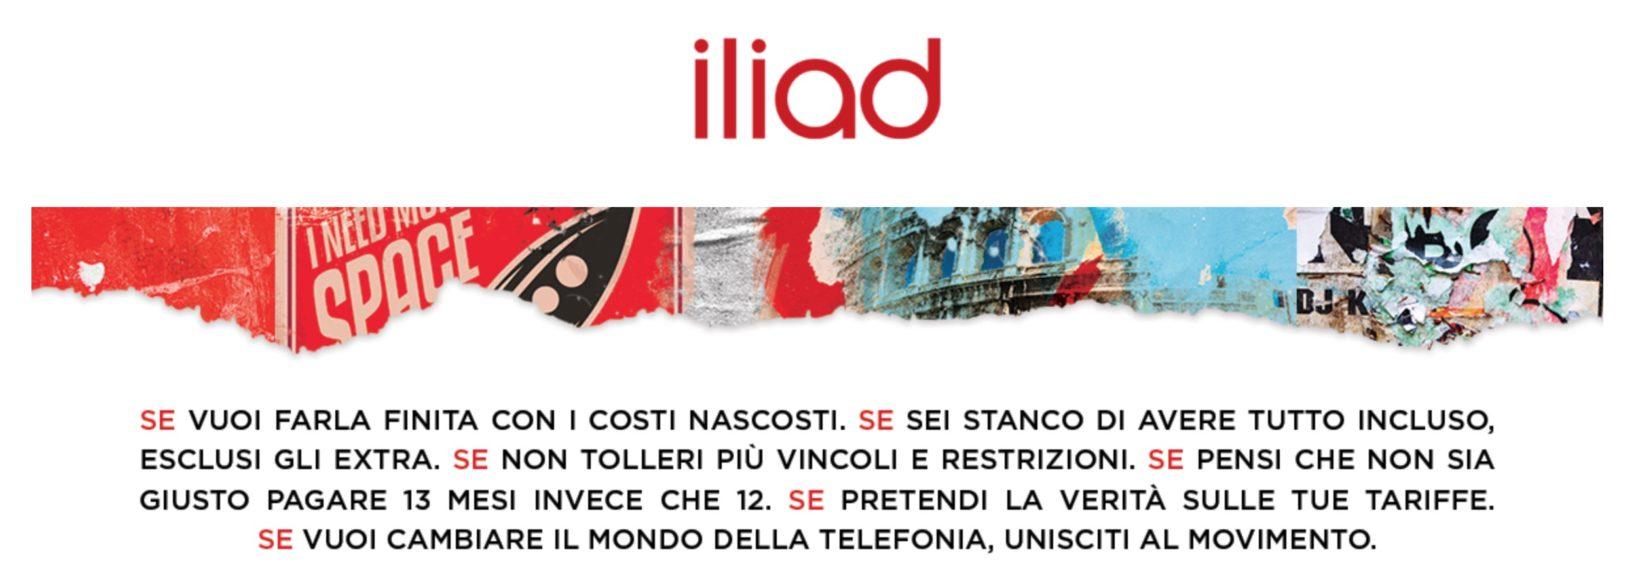 Il 29 maggio arriva Iliad Italia: aumenta la competizione degli operatori telefonici